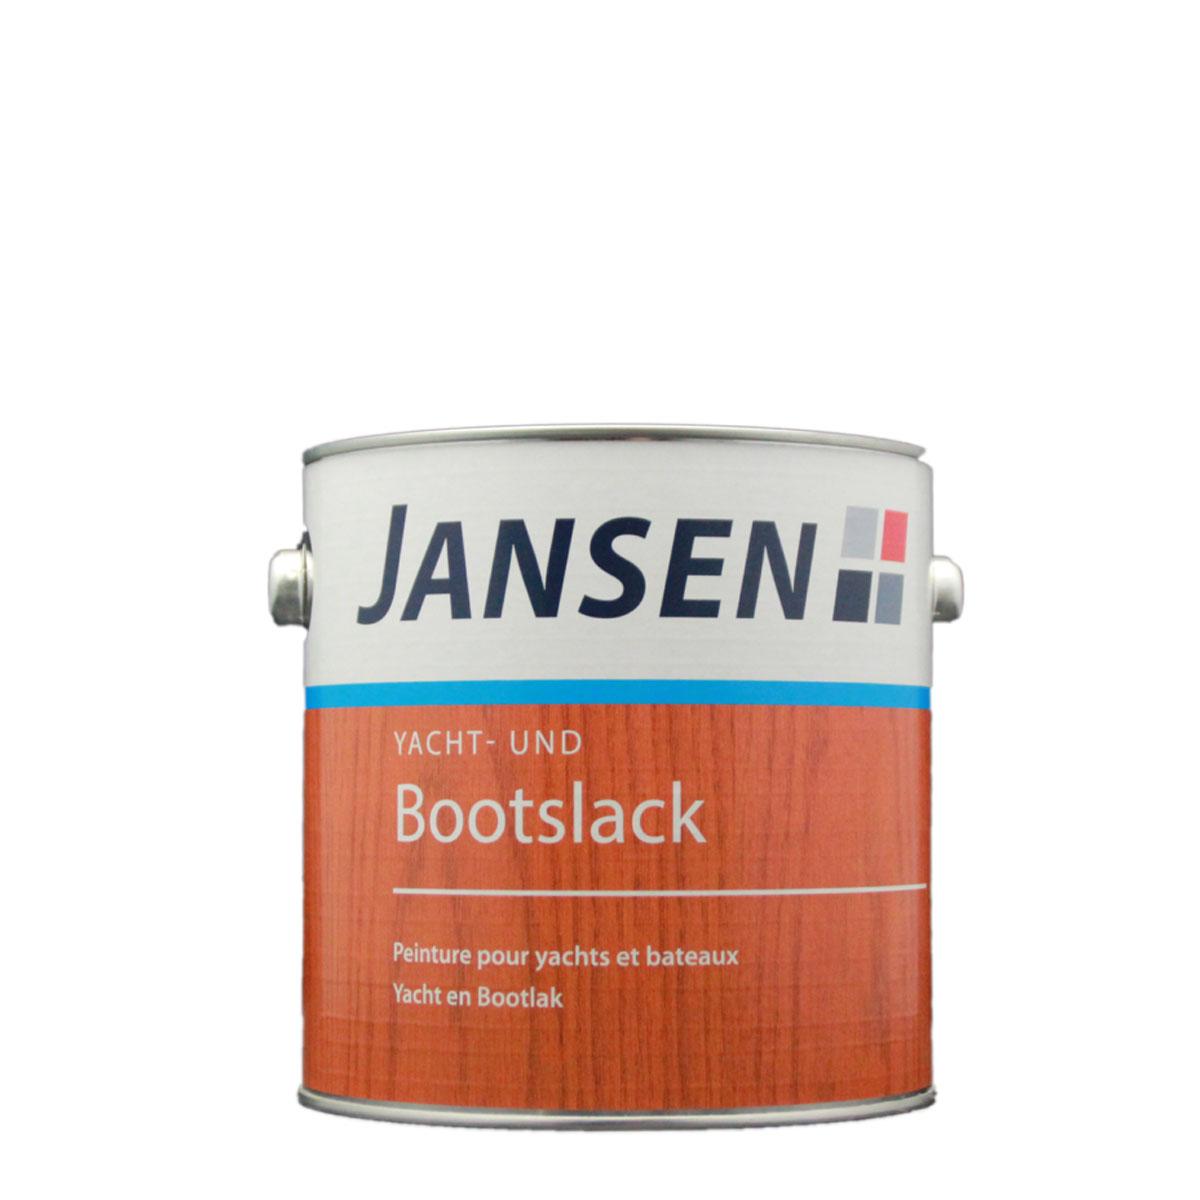 Jansen Yacht- und Bootslack 2,5L Hochglänzend, Wetterfest, Klarlack